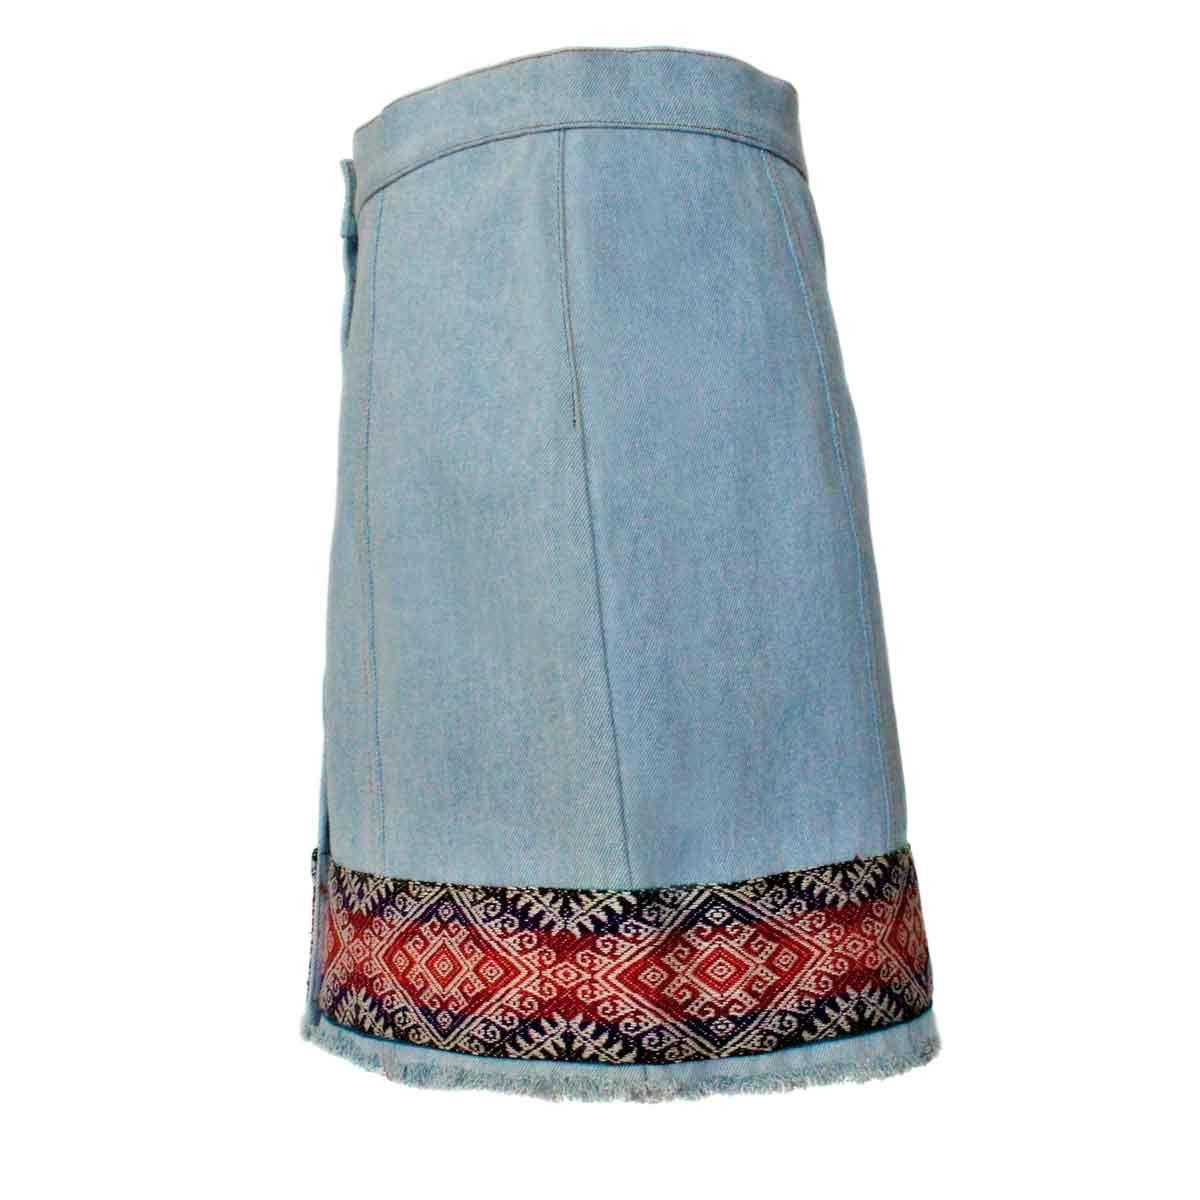 Inka-Products-Mini-jupe Femme Denim Mochica-Tissu Traditionnel Andin Orange Foncé et Violet-2